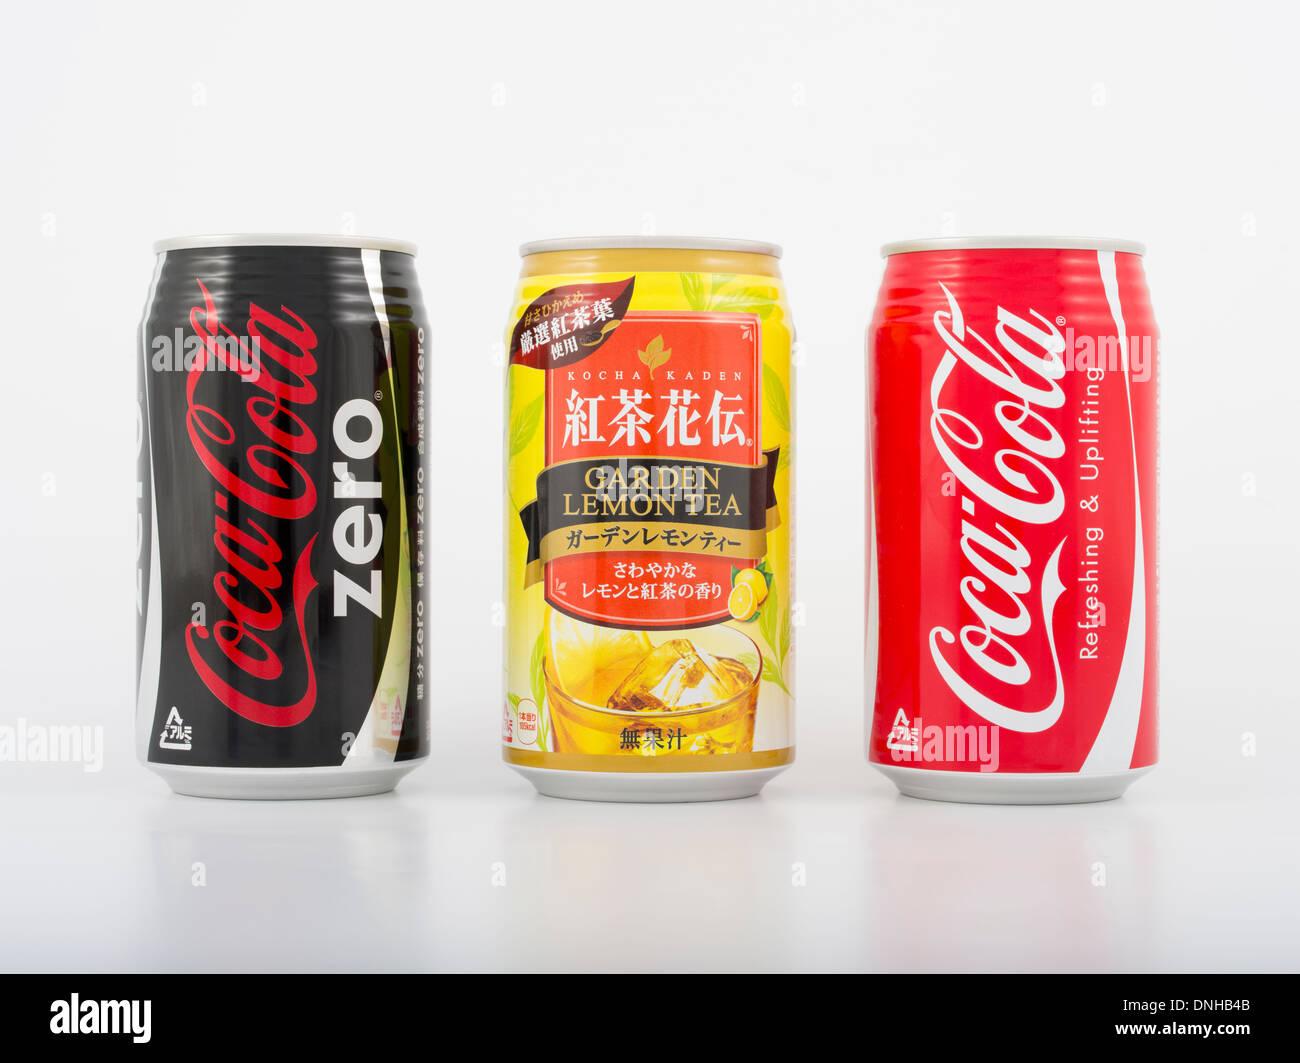 Getränke in Dosen von Coca-Cola Beverages in Japan. Original Coca ...